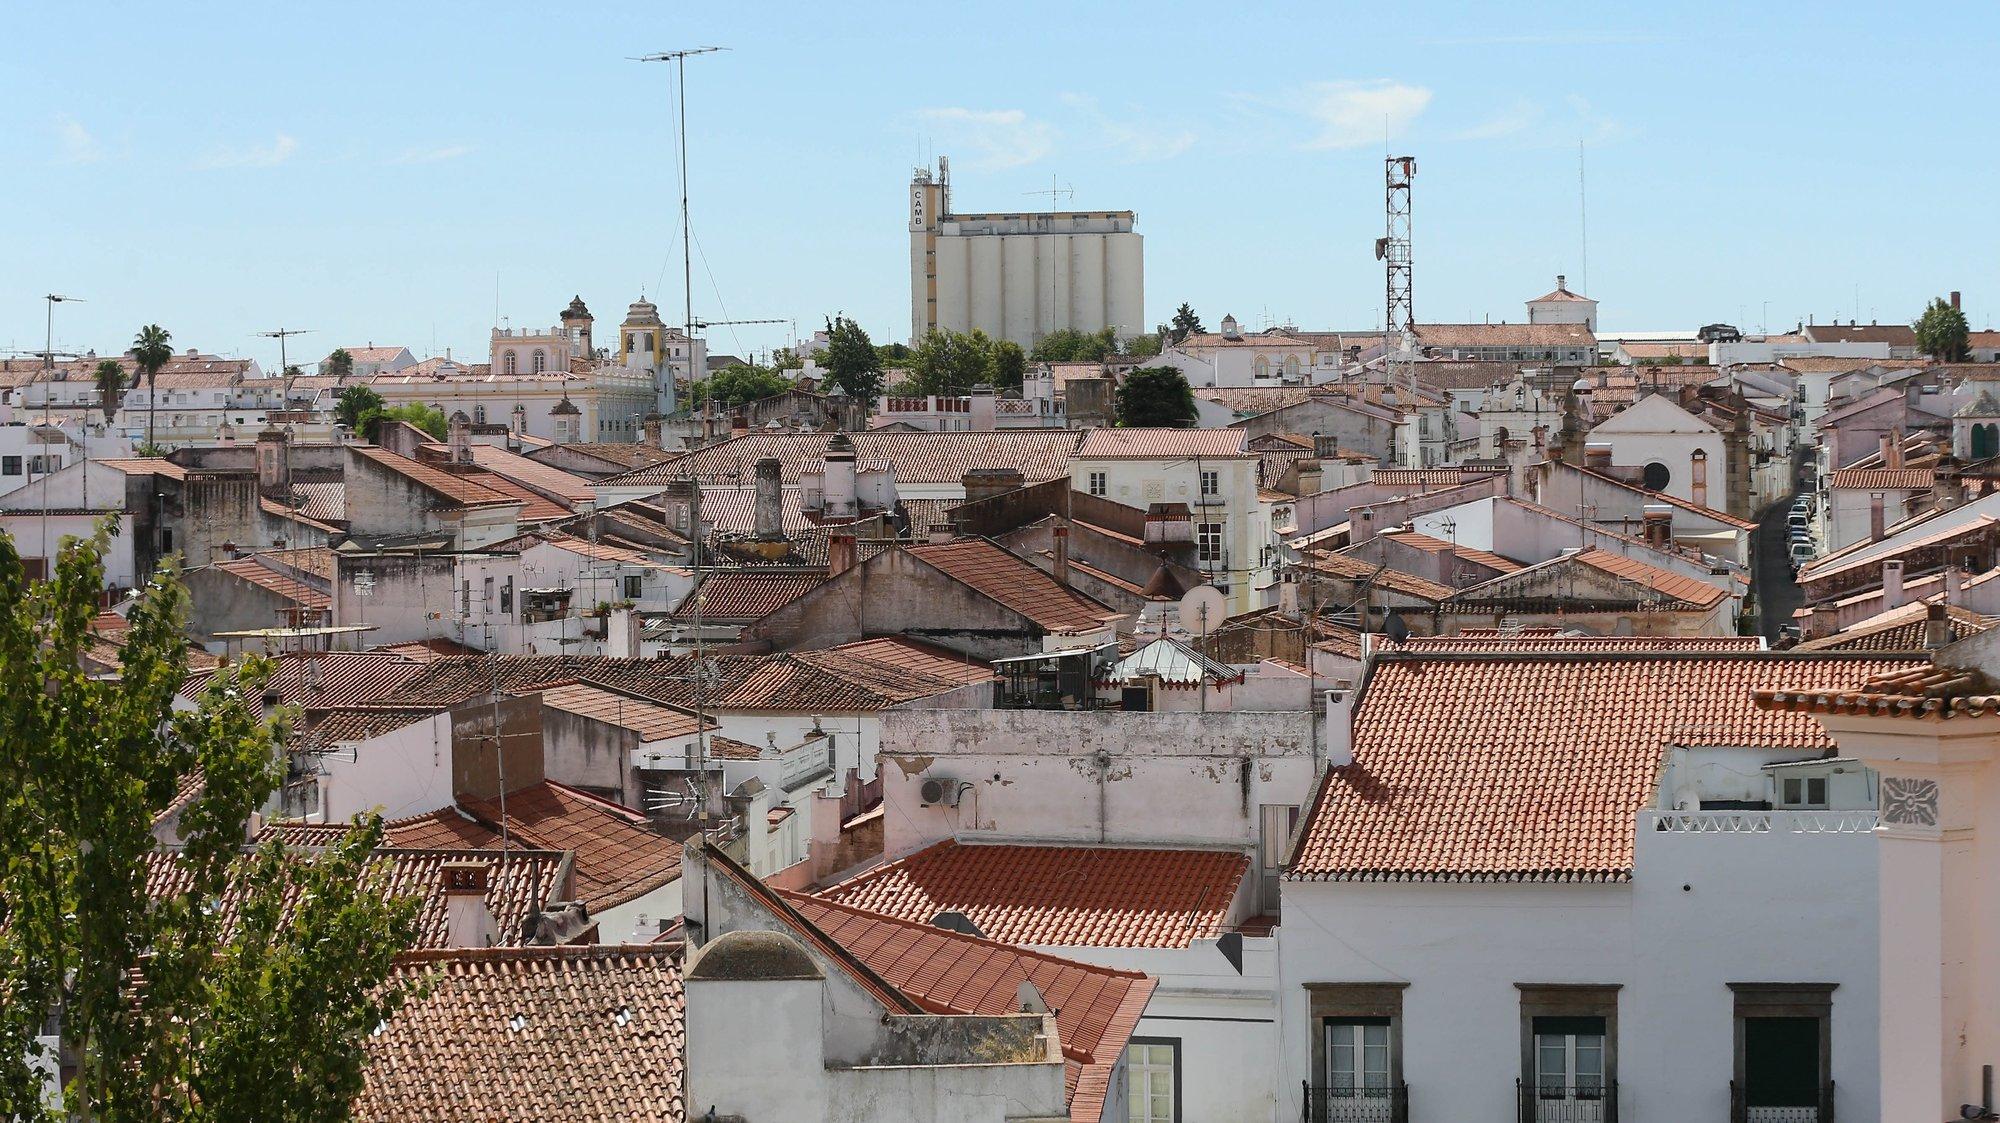 Vista geral a partir do Castelo de Moura, 17 de setembro de 2017. NUNO VEIGA/LUSA